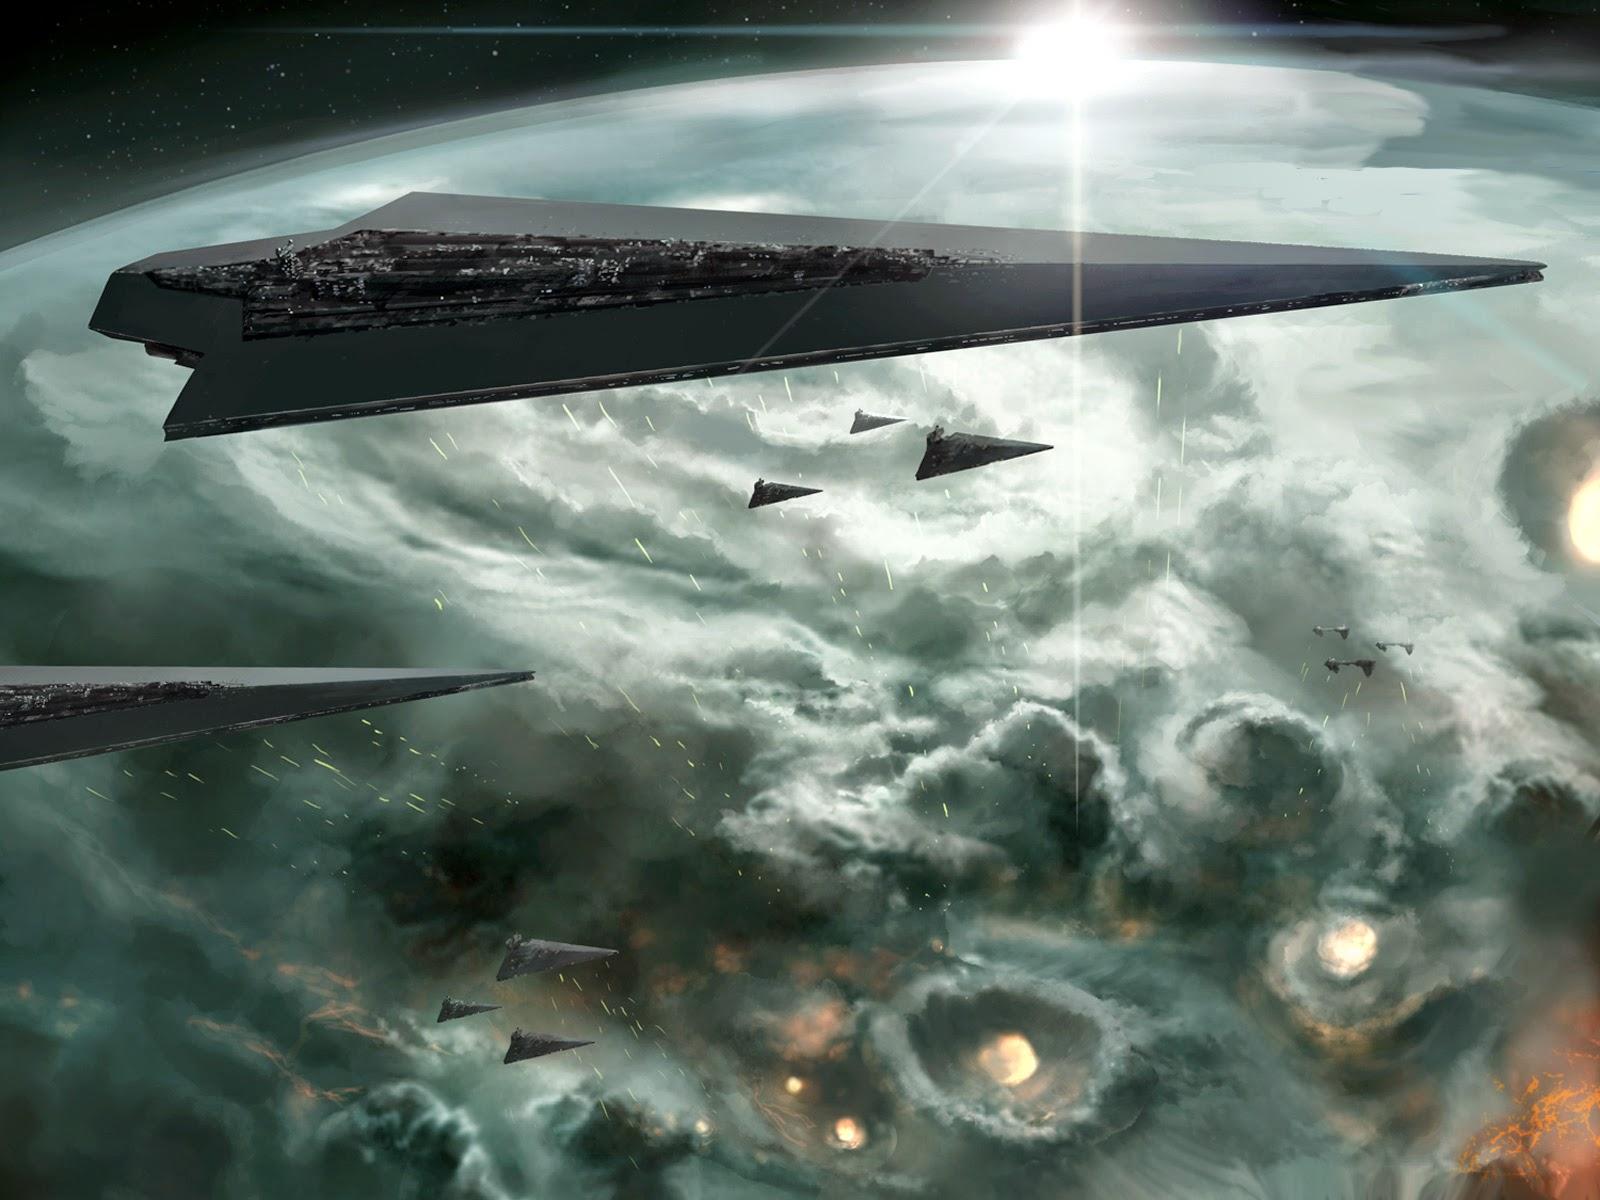 орбитальная атака и бомбардировка планеты из космоса звездным флотом, межзвездными крейсерами